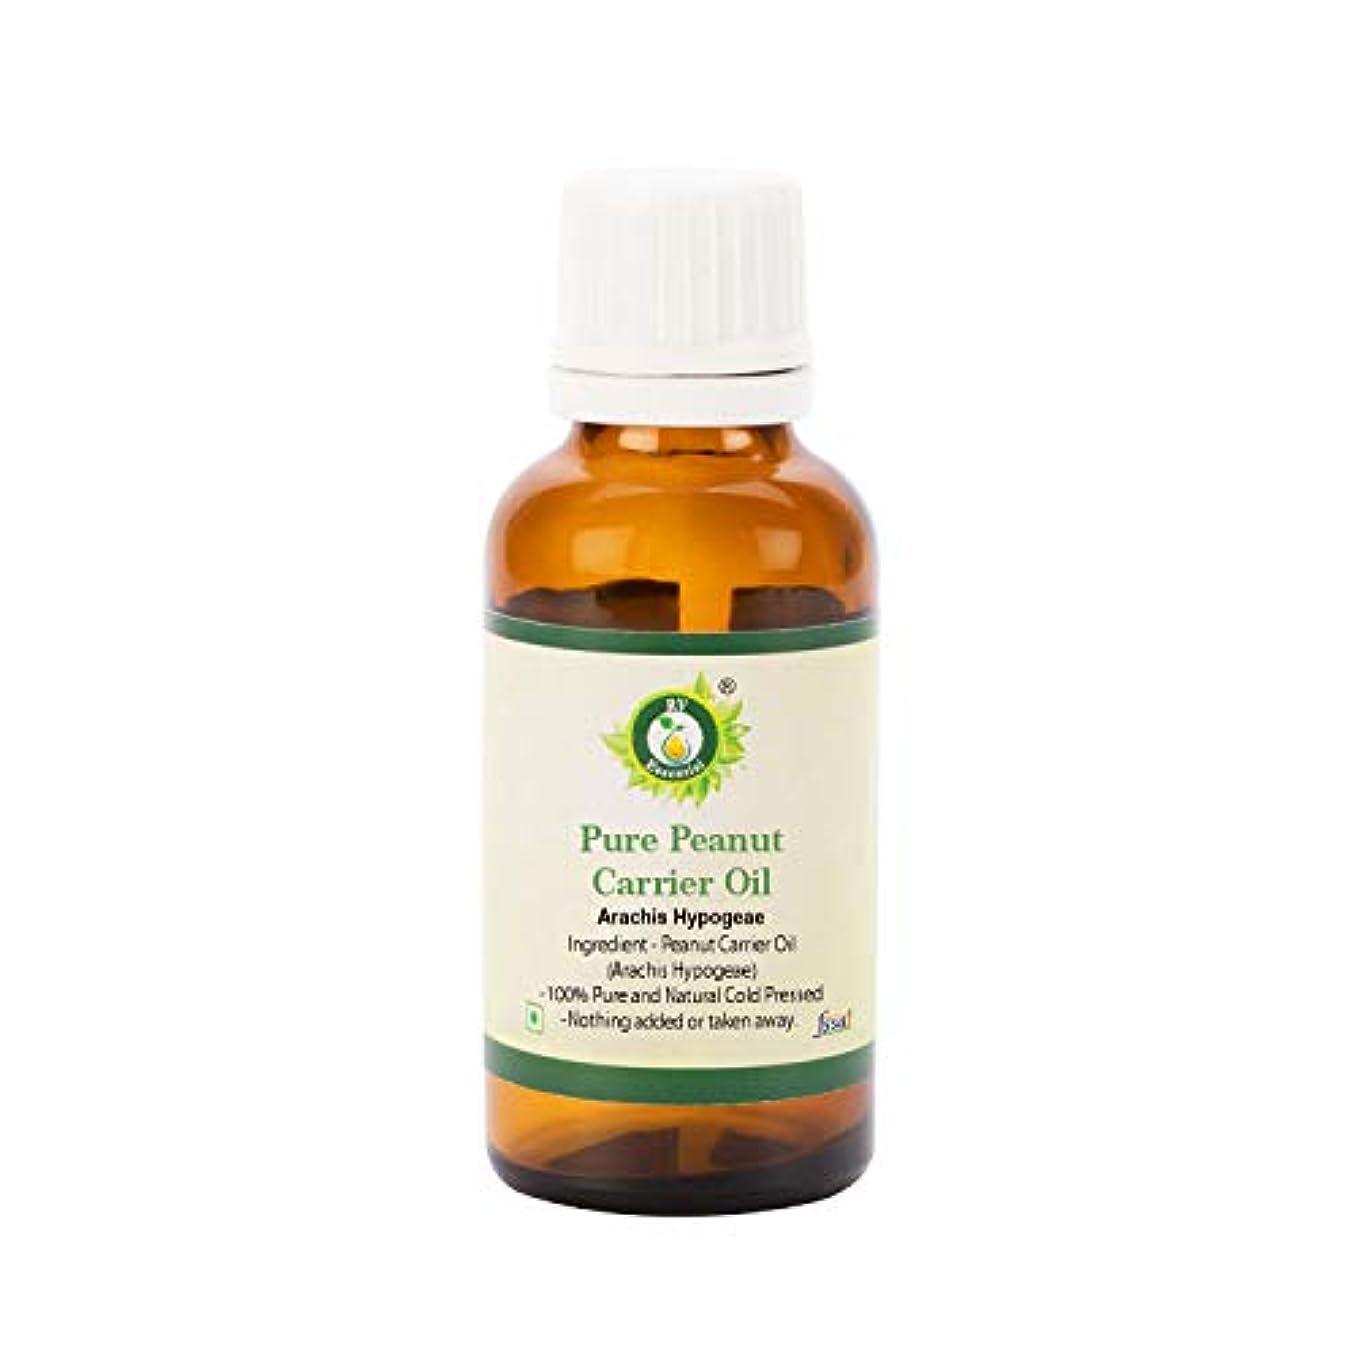 英語の授業があります貝殻対処するR V Essential 純粋なピーナッツキャリアオイル5ml (0.169oz)- Arachis Hypogeae (100%ピュア&ナチュラルコールドPressed) Pure Peanut Carrier Oil